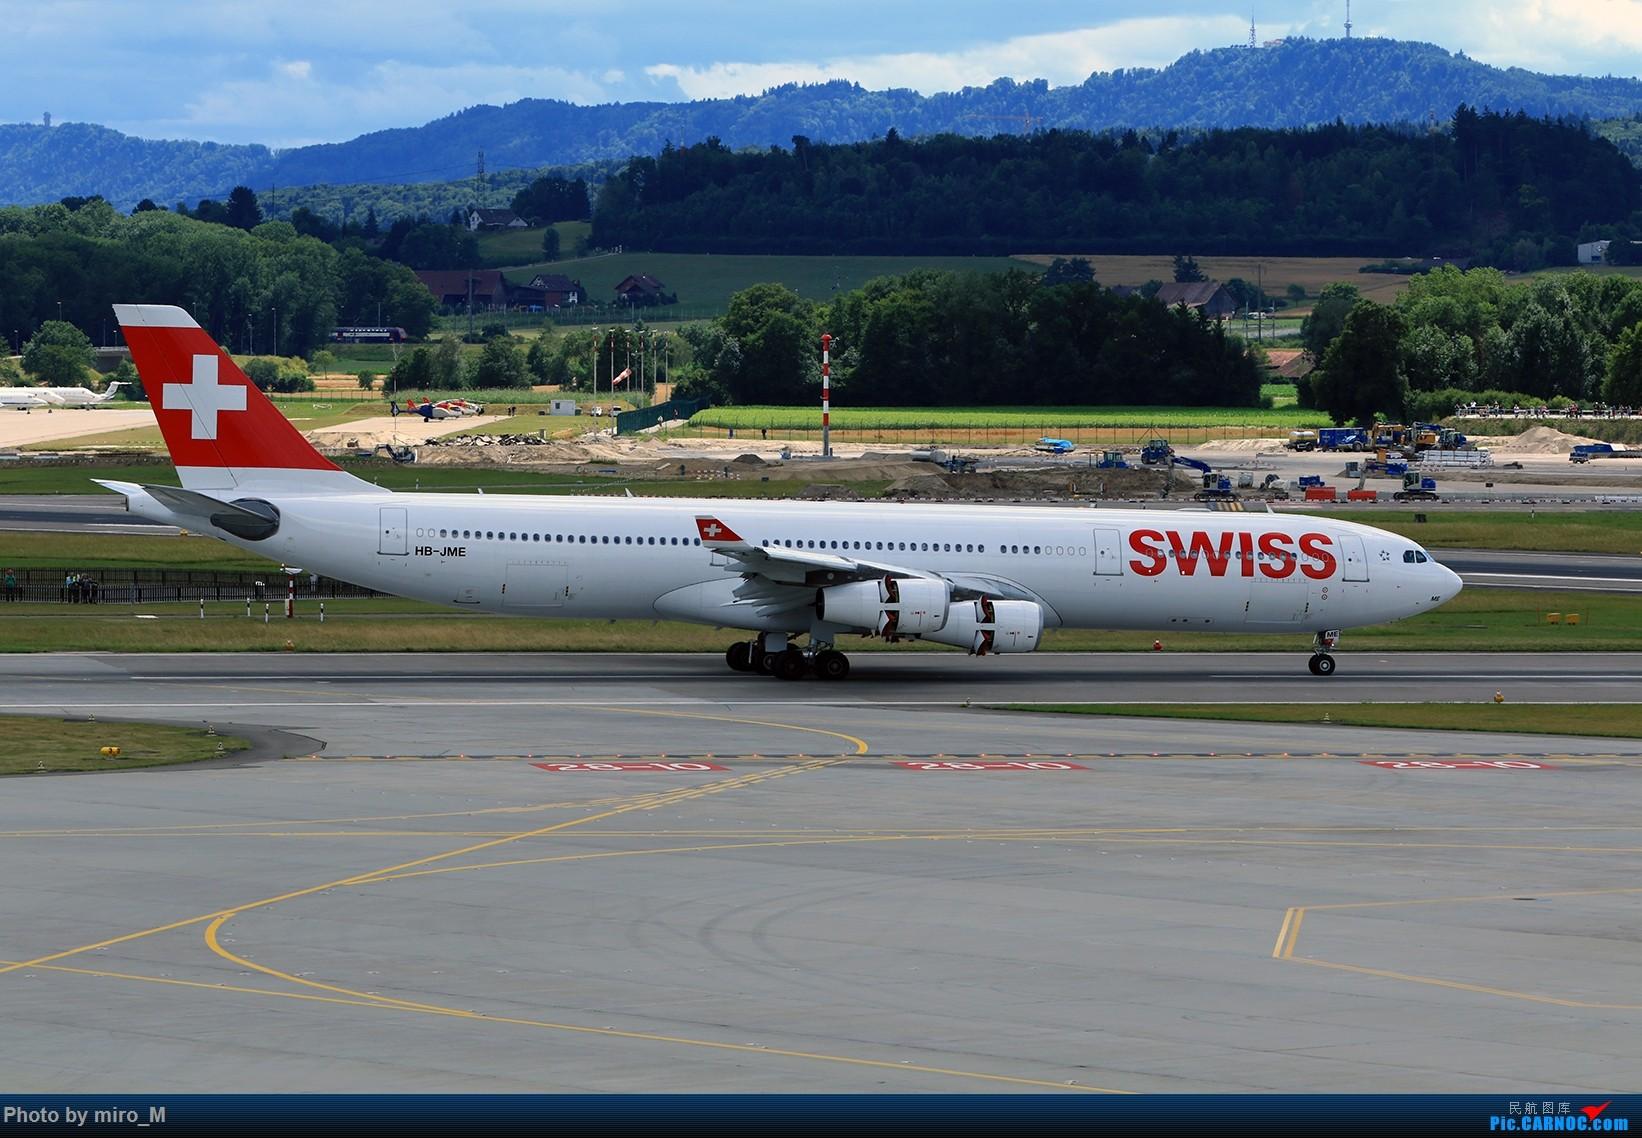 Re:[原创]欧洲浪了一圈,CS100,BAE146,fokker70等新老机型串着飞+ZRH,MUC,FRA,AMS,TLS拍机 AIRBUS A340-300 HB-JME ZRH